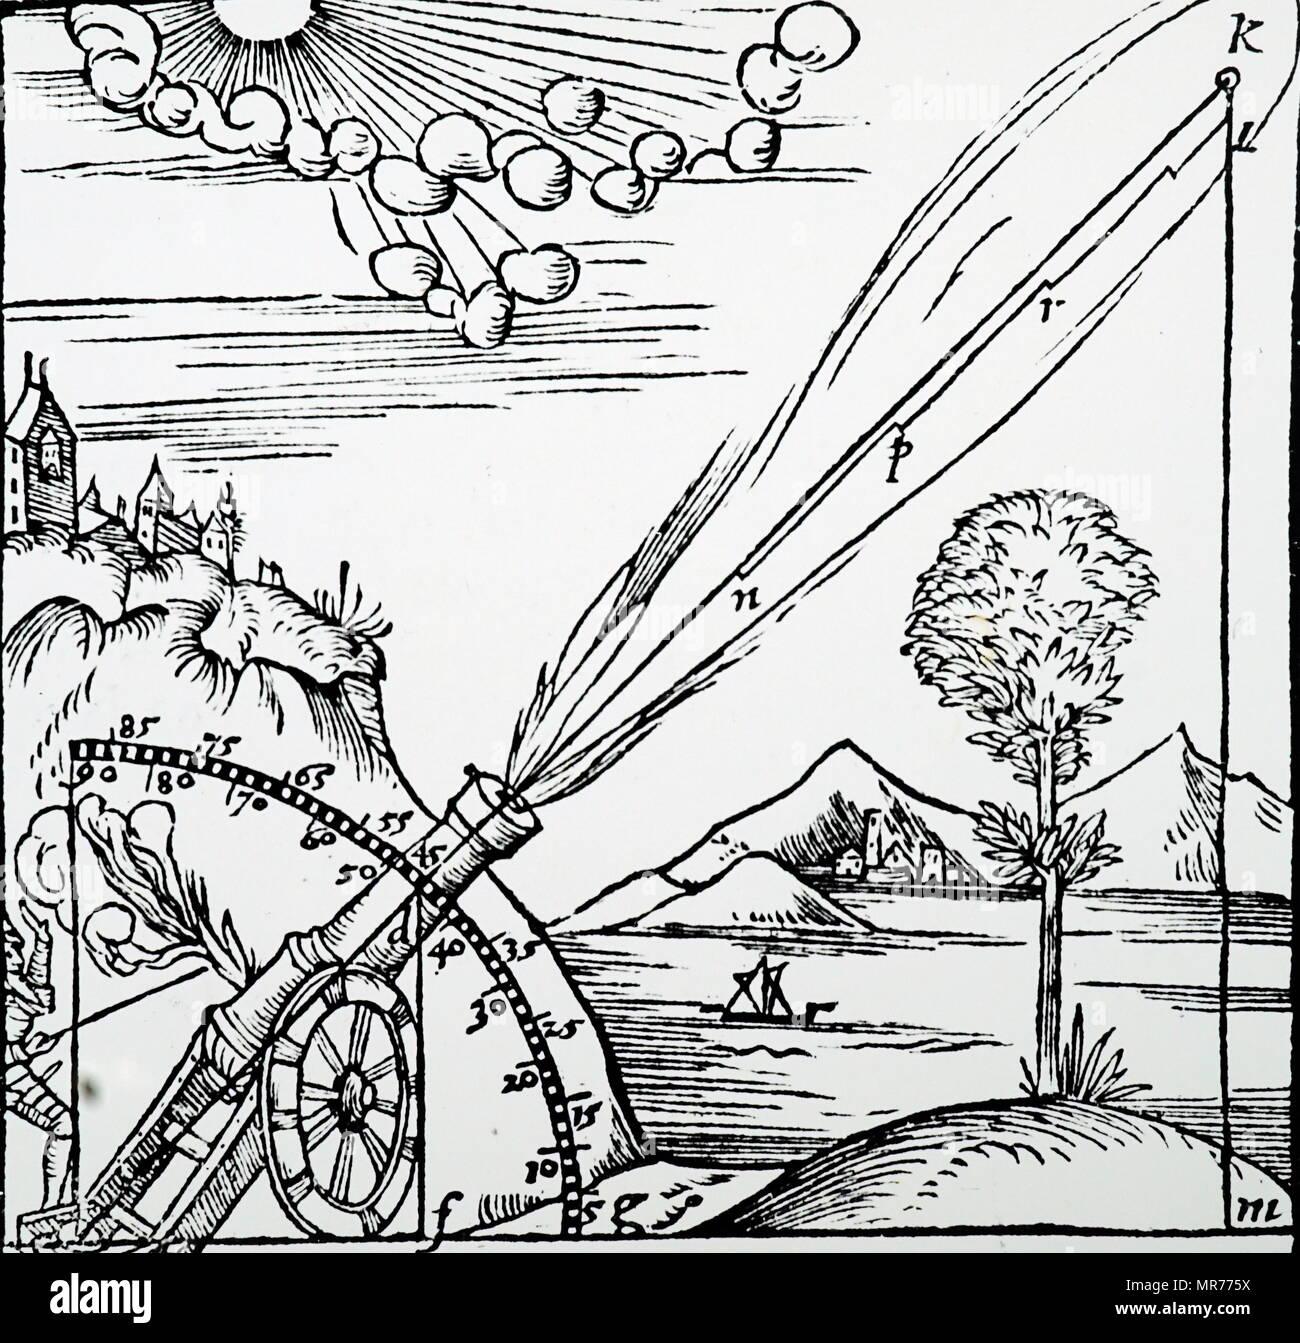 Illustration du concept aristotélicien de la trajectoire d'un projectile. Aristote (384 BC-322 BC) un philosophe et scientifique. En date du 16e siècle Photo Stock